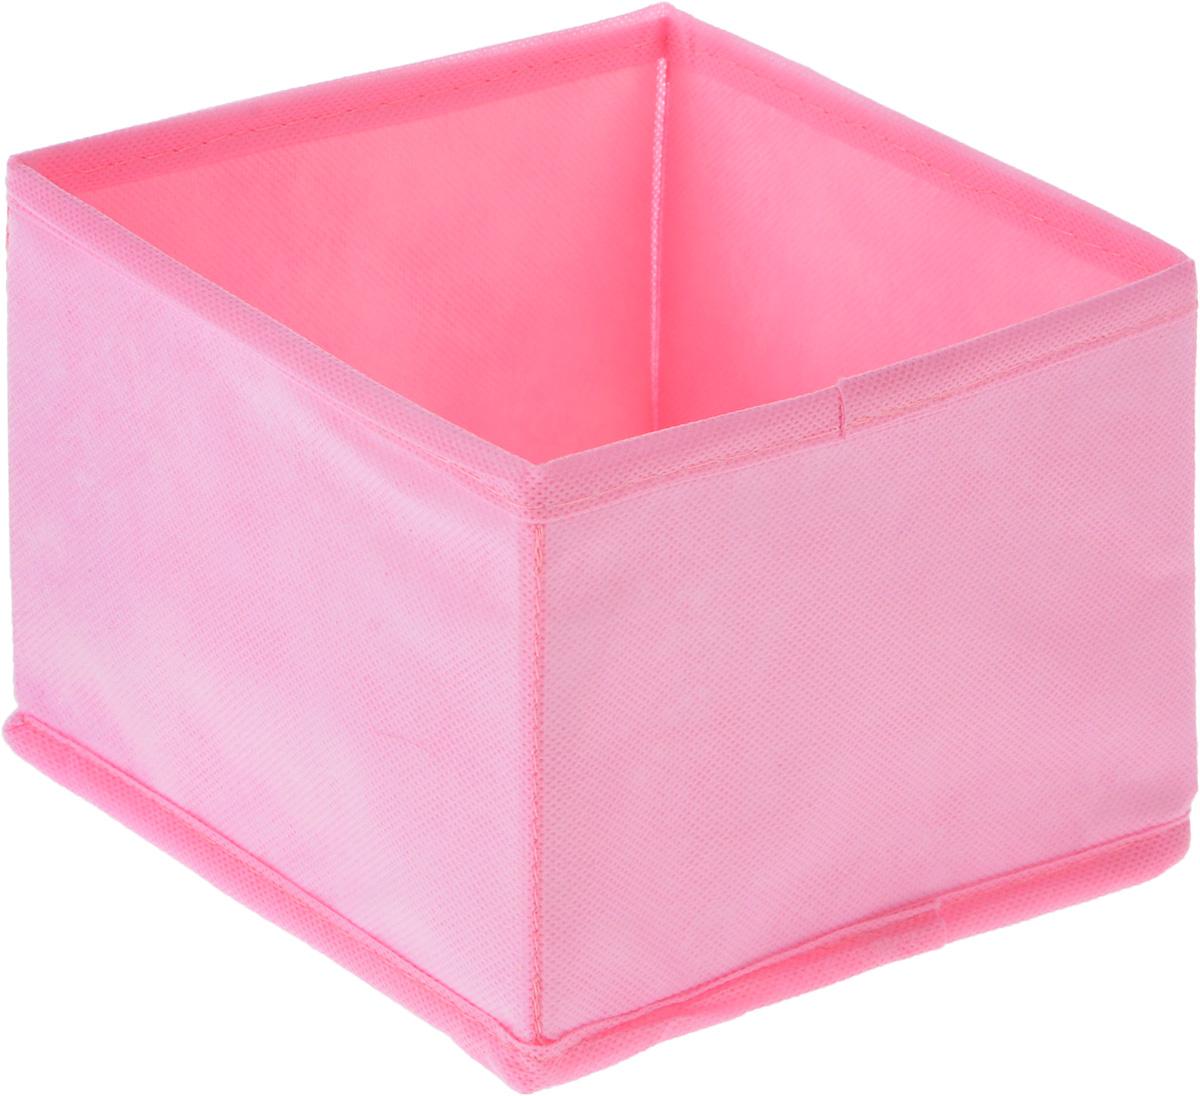 Органайзер Все на местах Minimalistic, цвет: розовый, 15 х 15 х 11 см1014058.Органайзер Все на местах Minimalistic поможет удобно хранить вещи. Изделие выполнено из высококачественного нетканого материала, который обеспечивает естественную вентиляцию, позволяя воздуху проникать внутрь, но не пропускает пыль. Вставки из ПВХ хорошо держат форму. Изделие содержит одну большую секцию. Органайзер легко раскладывается и складывается. Оригинальный дизайн придется по вкусу ценителям эстетичного хранения. Размер органайзера в разложенном виде: 15 х 15 х 11 см.